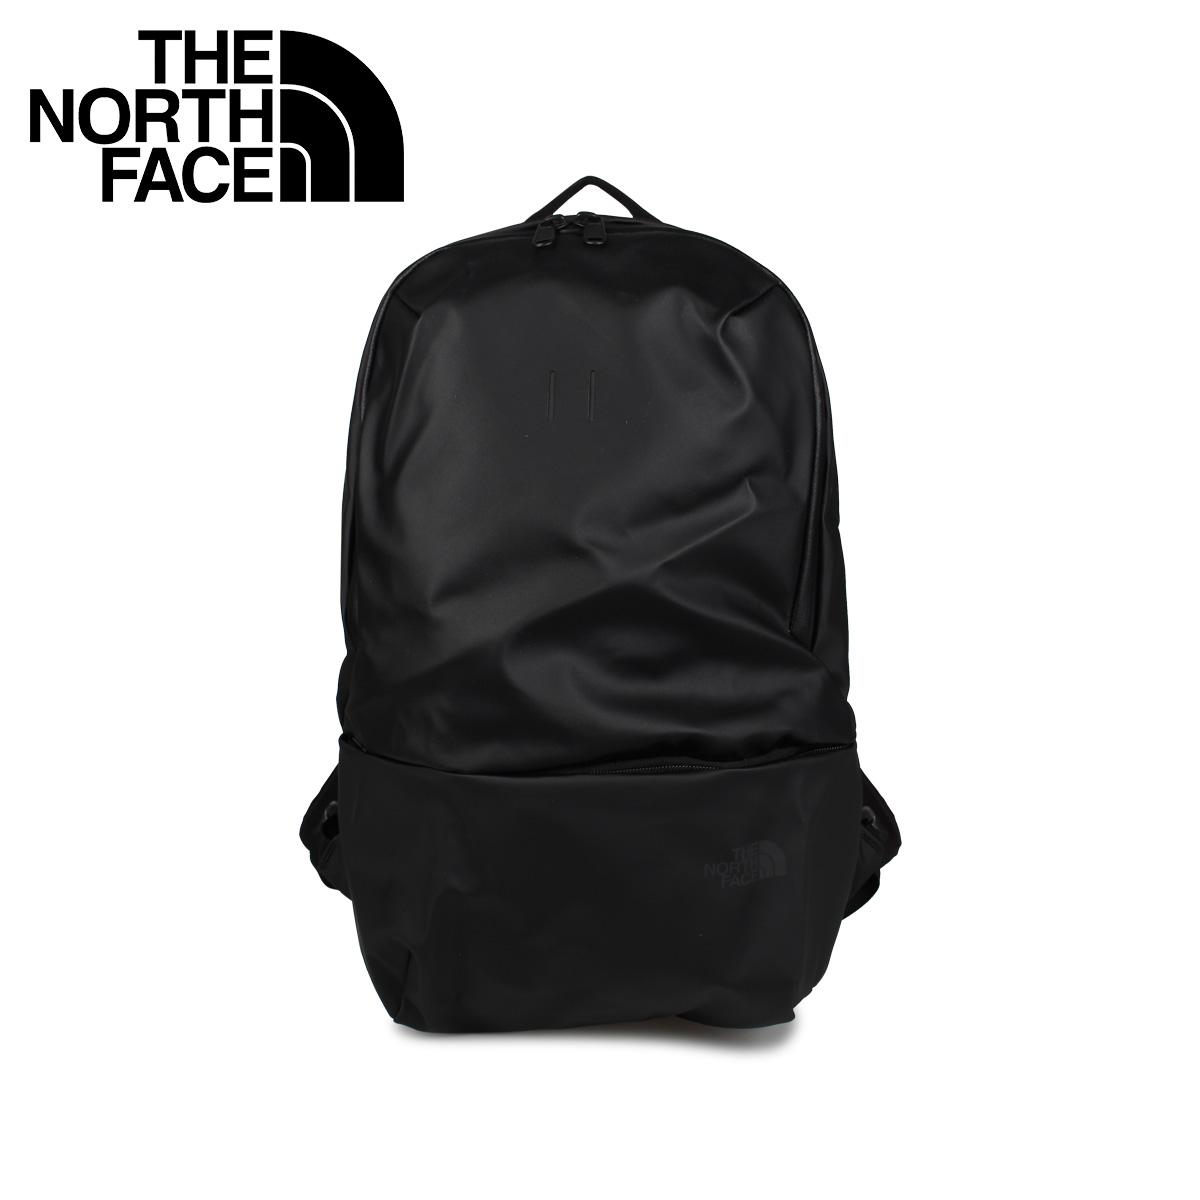 ノースフェイス THE NORTH FACE リュック バッグ バックパック メンズ レディース 20L BACK TO THE FUTURE BERKELEY ブラック 黒 NF0A2ZFB